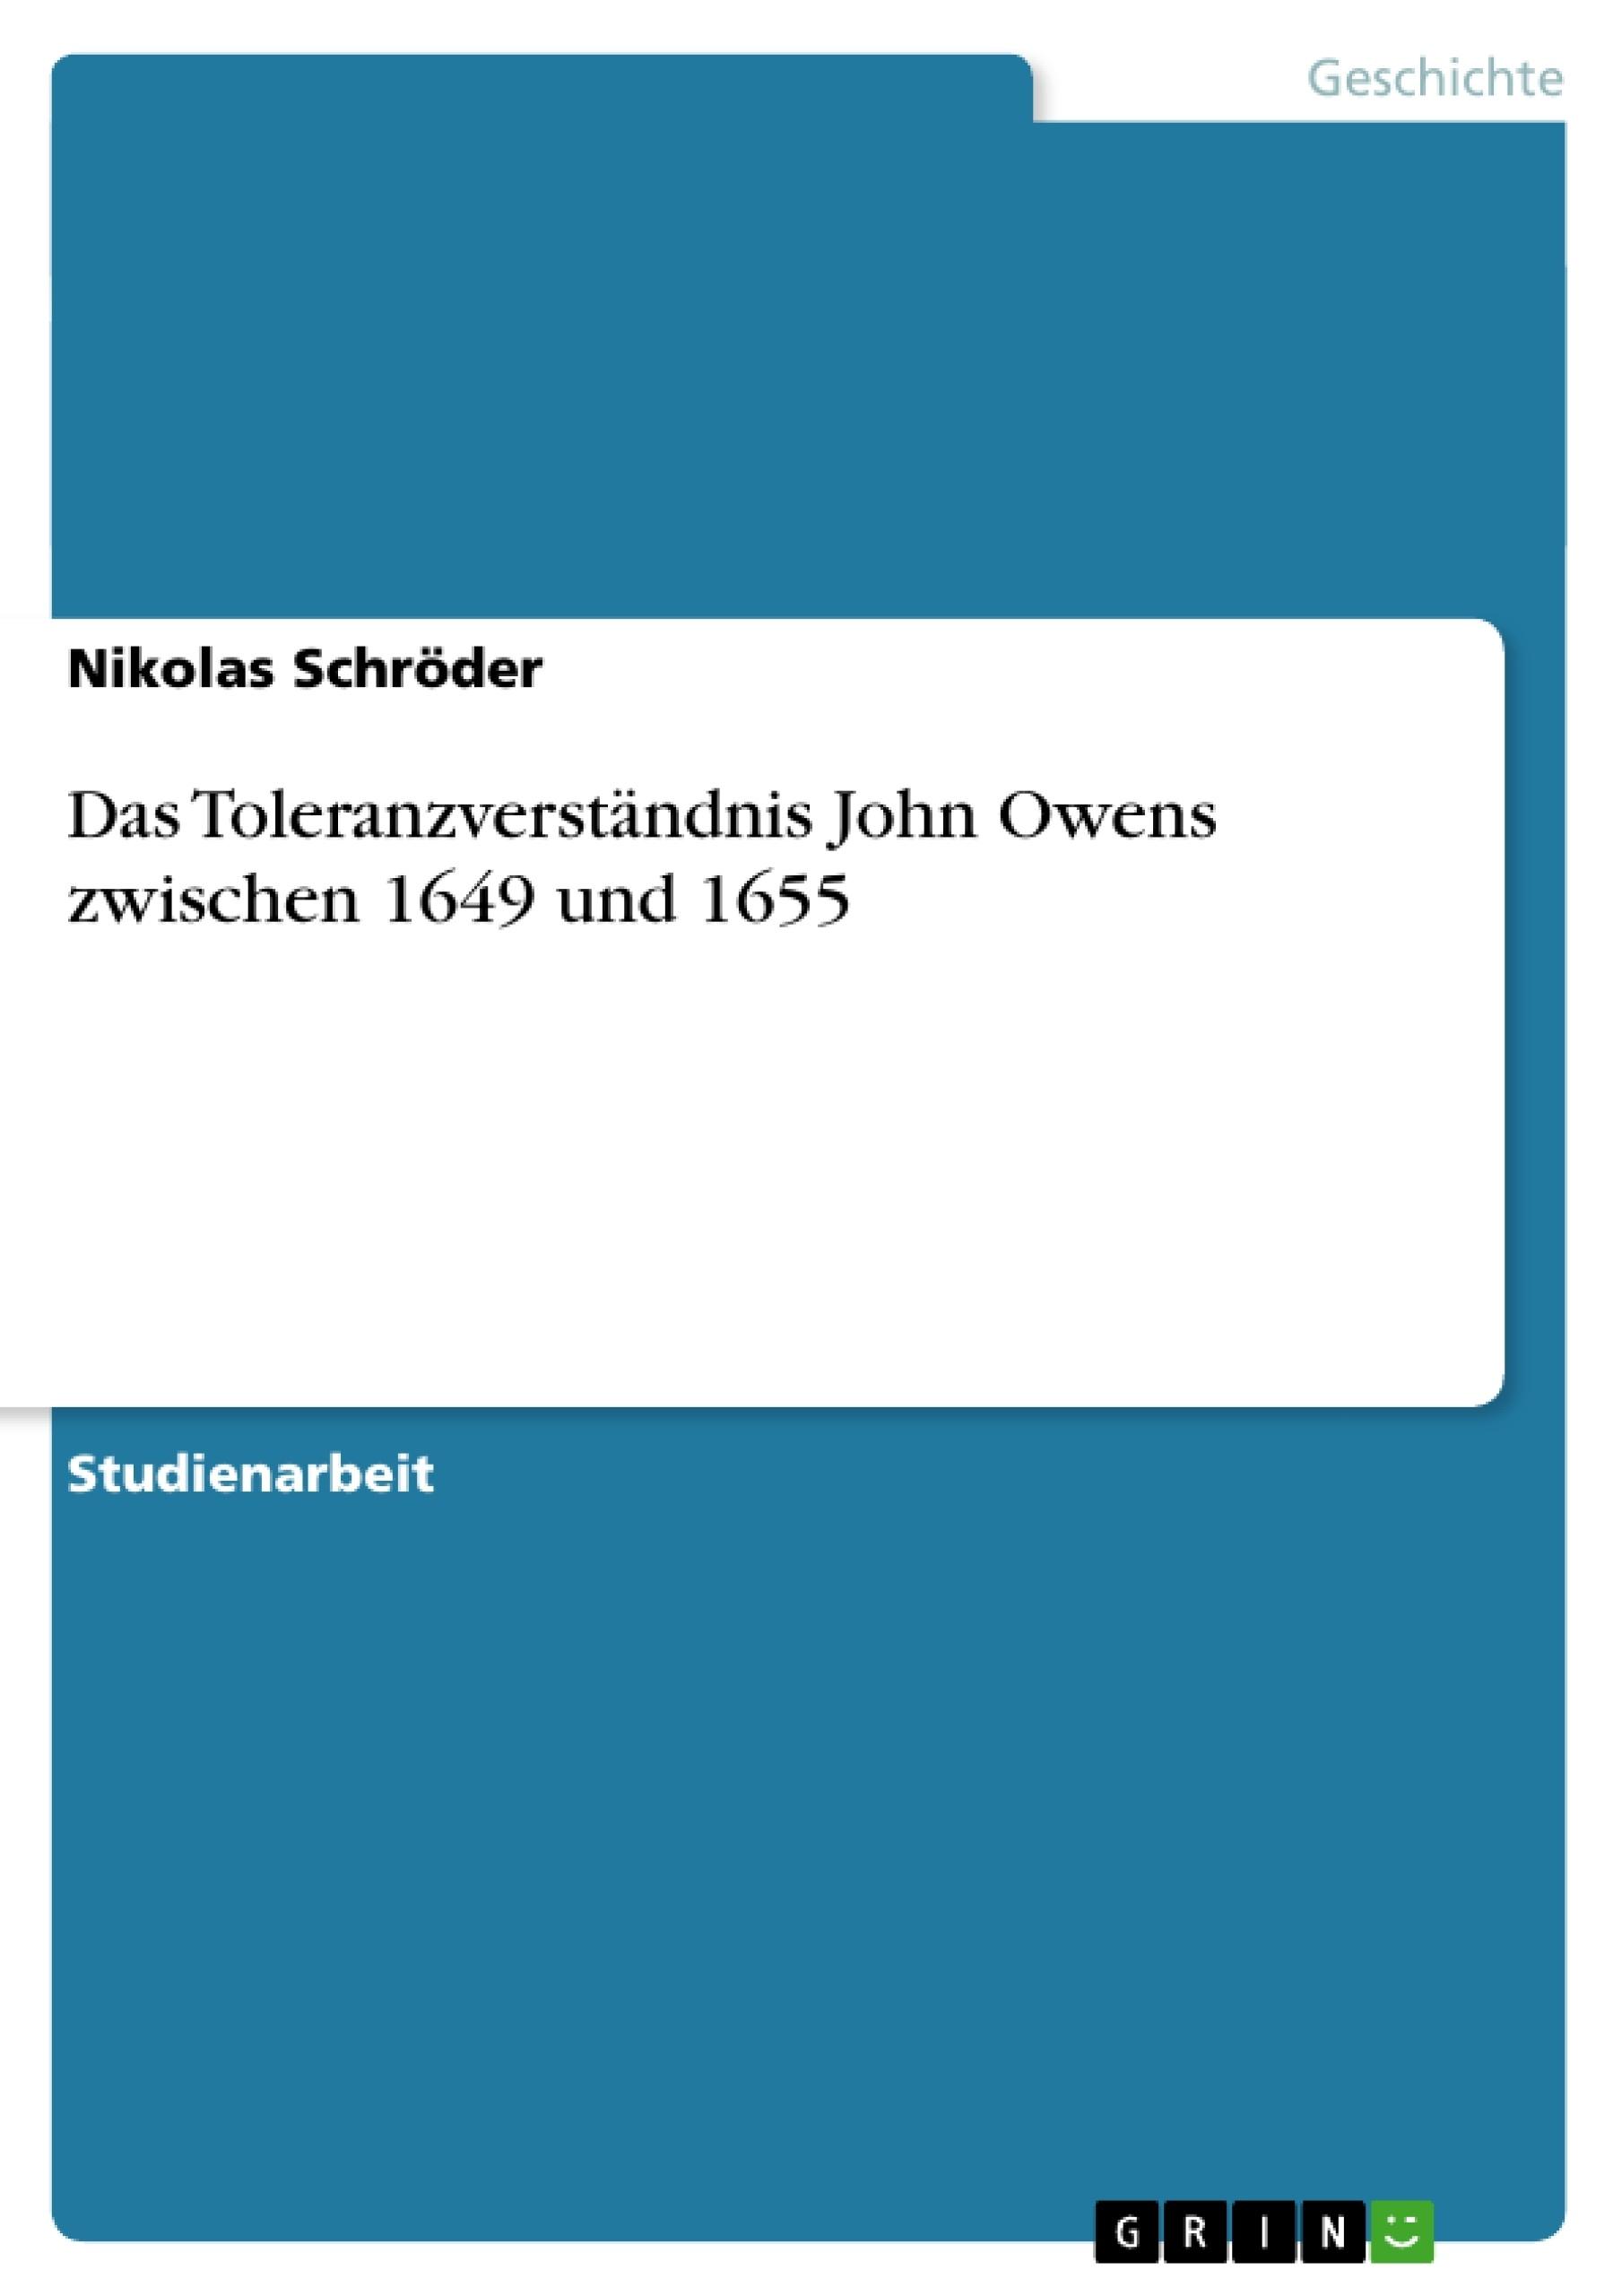 Titel: Das Toleranzverständnis John Owens zwischen 1649 und 1655